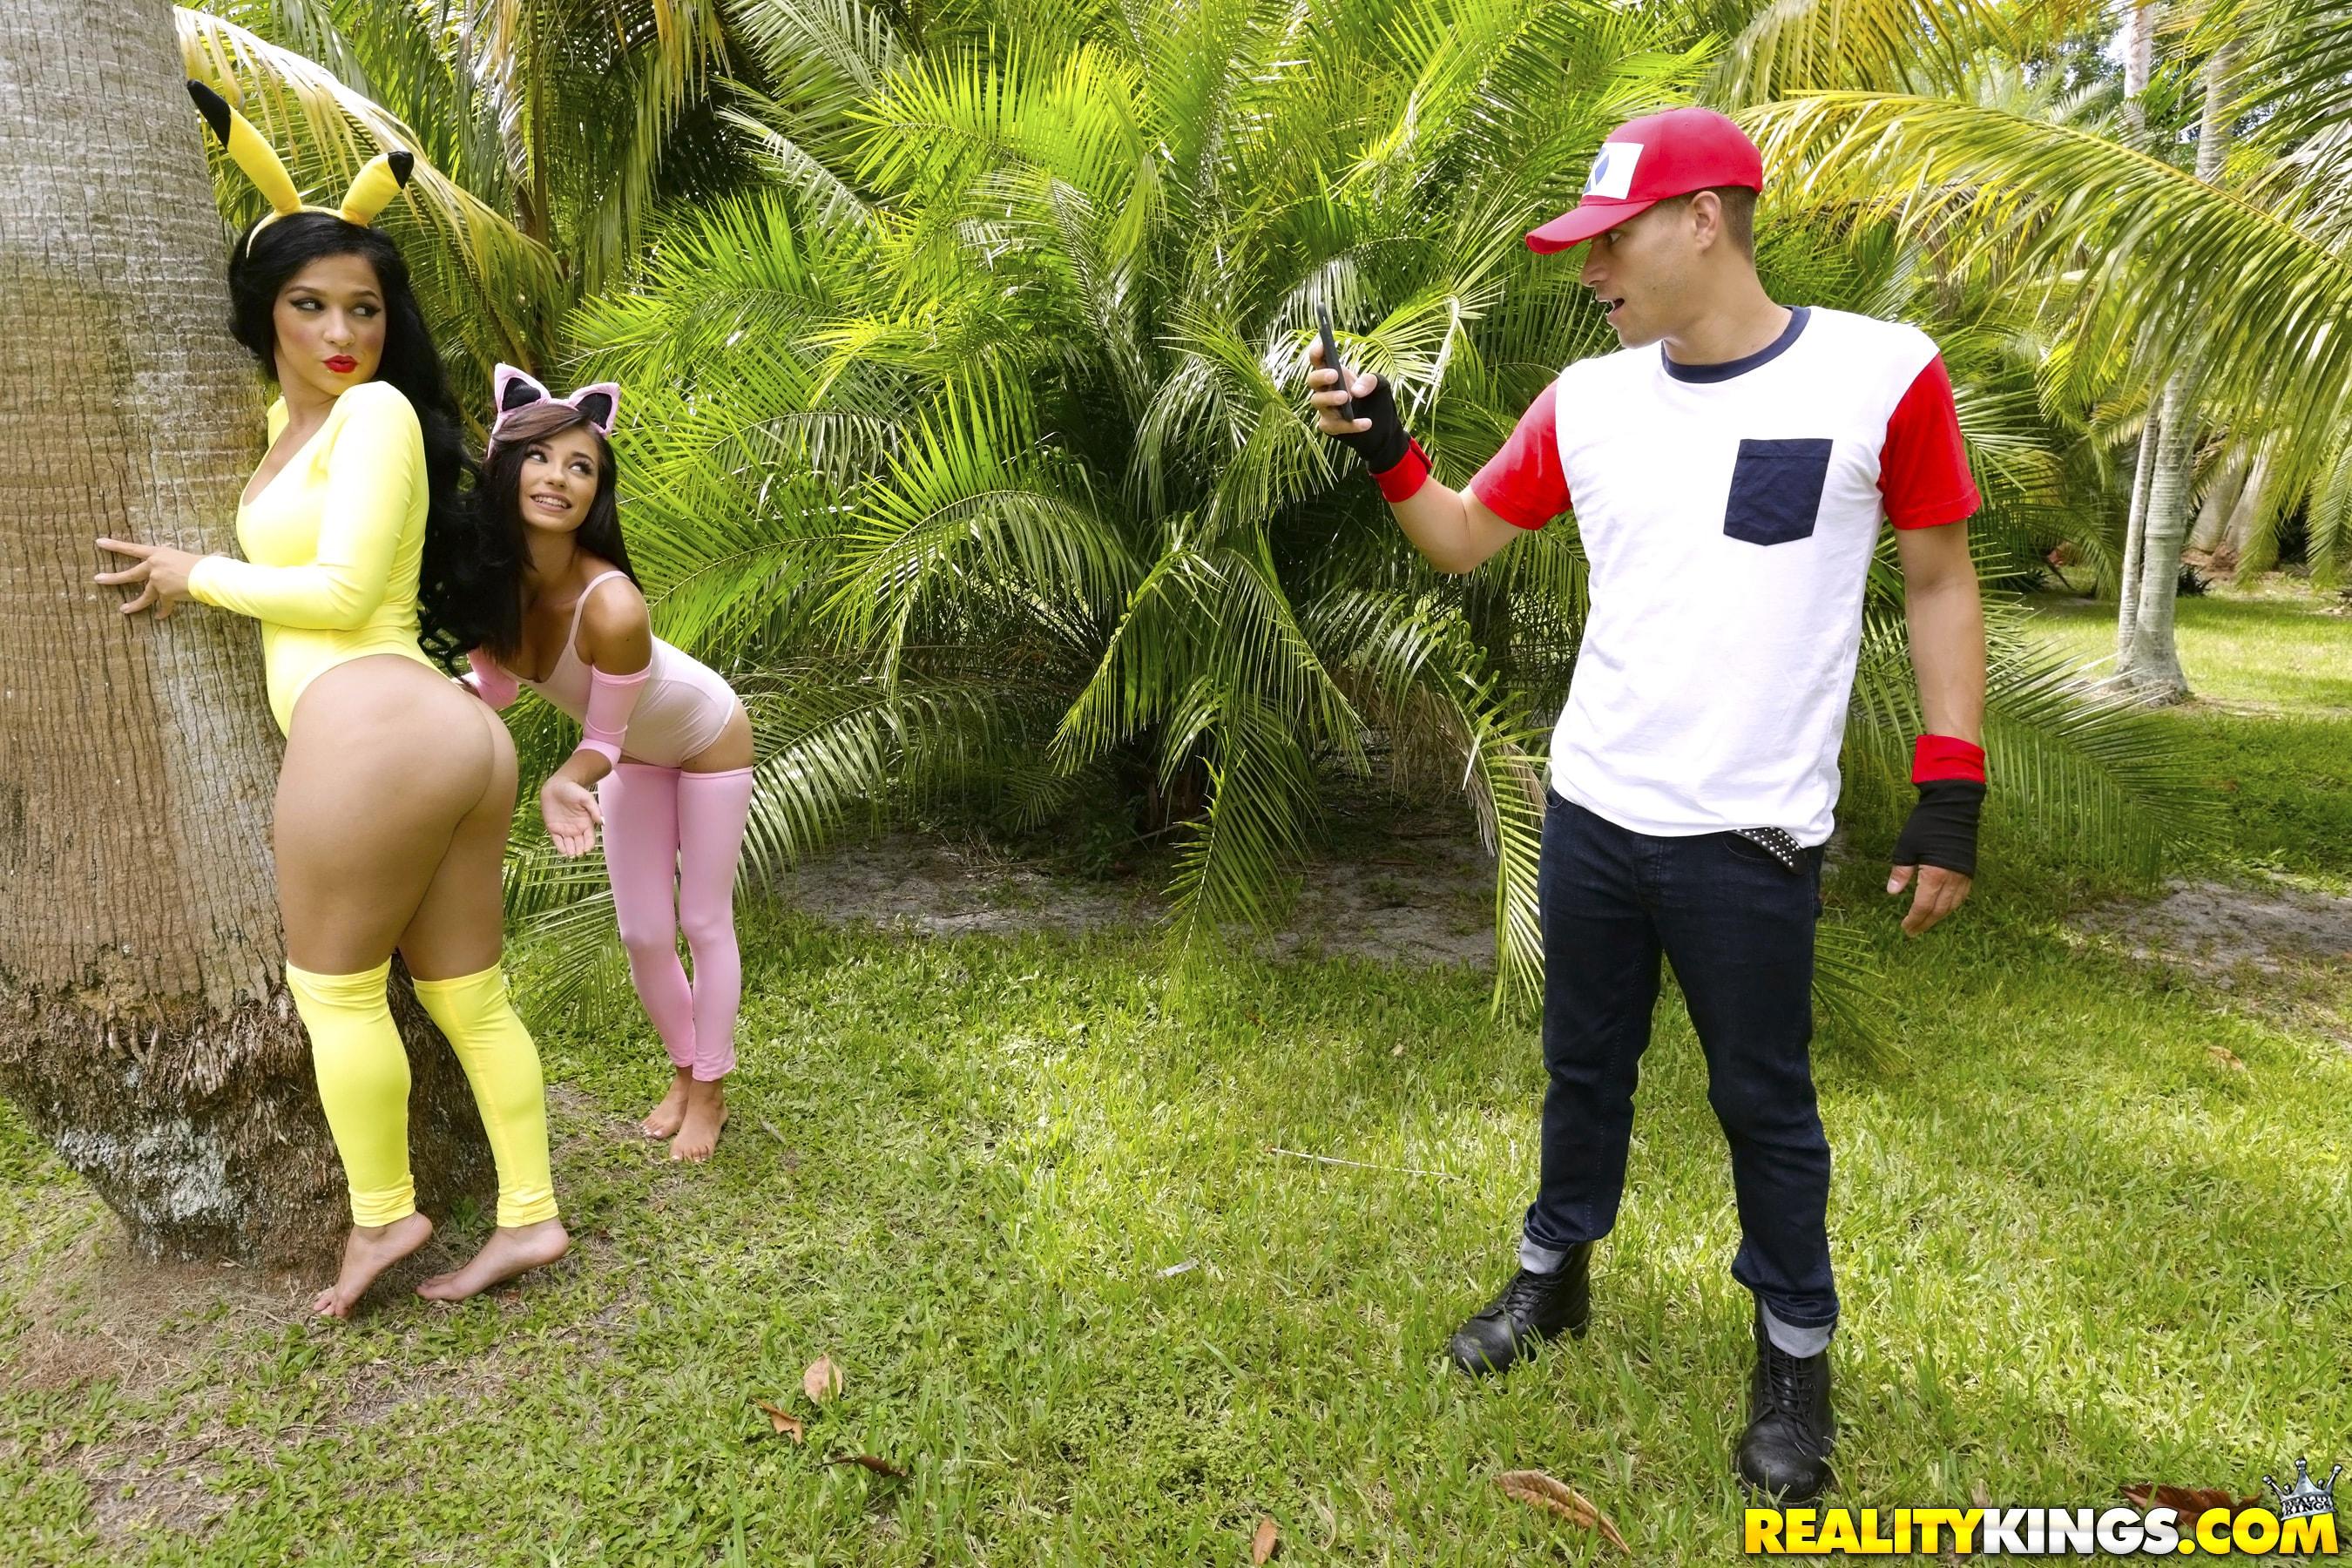 Download photo yet another hot pokemon go xxx parody carol parody caroline ray